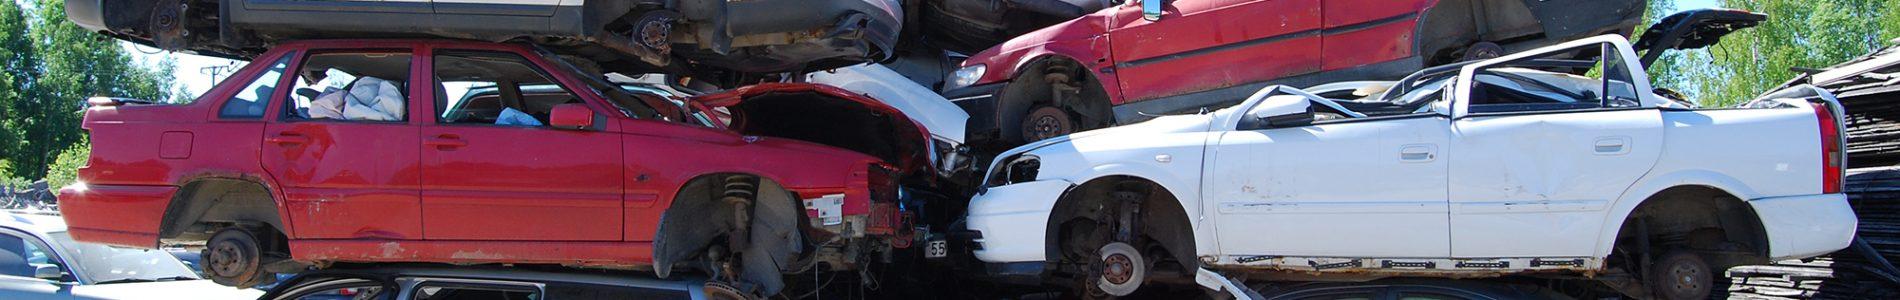 bilskrot i Bollnäs